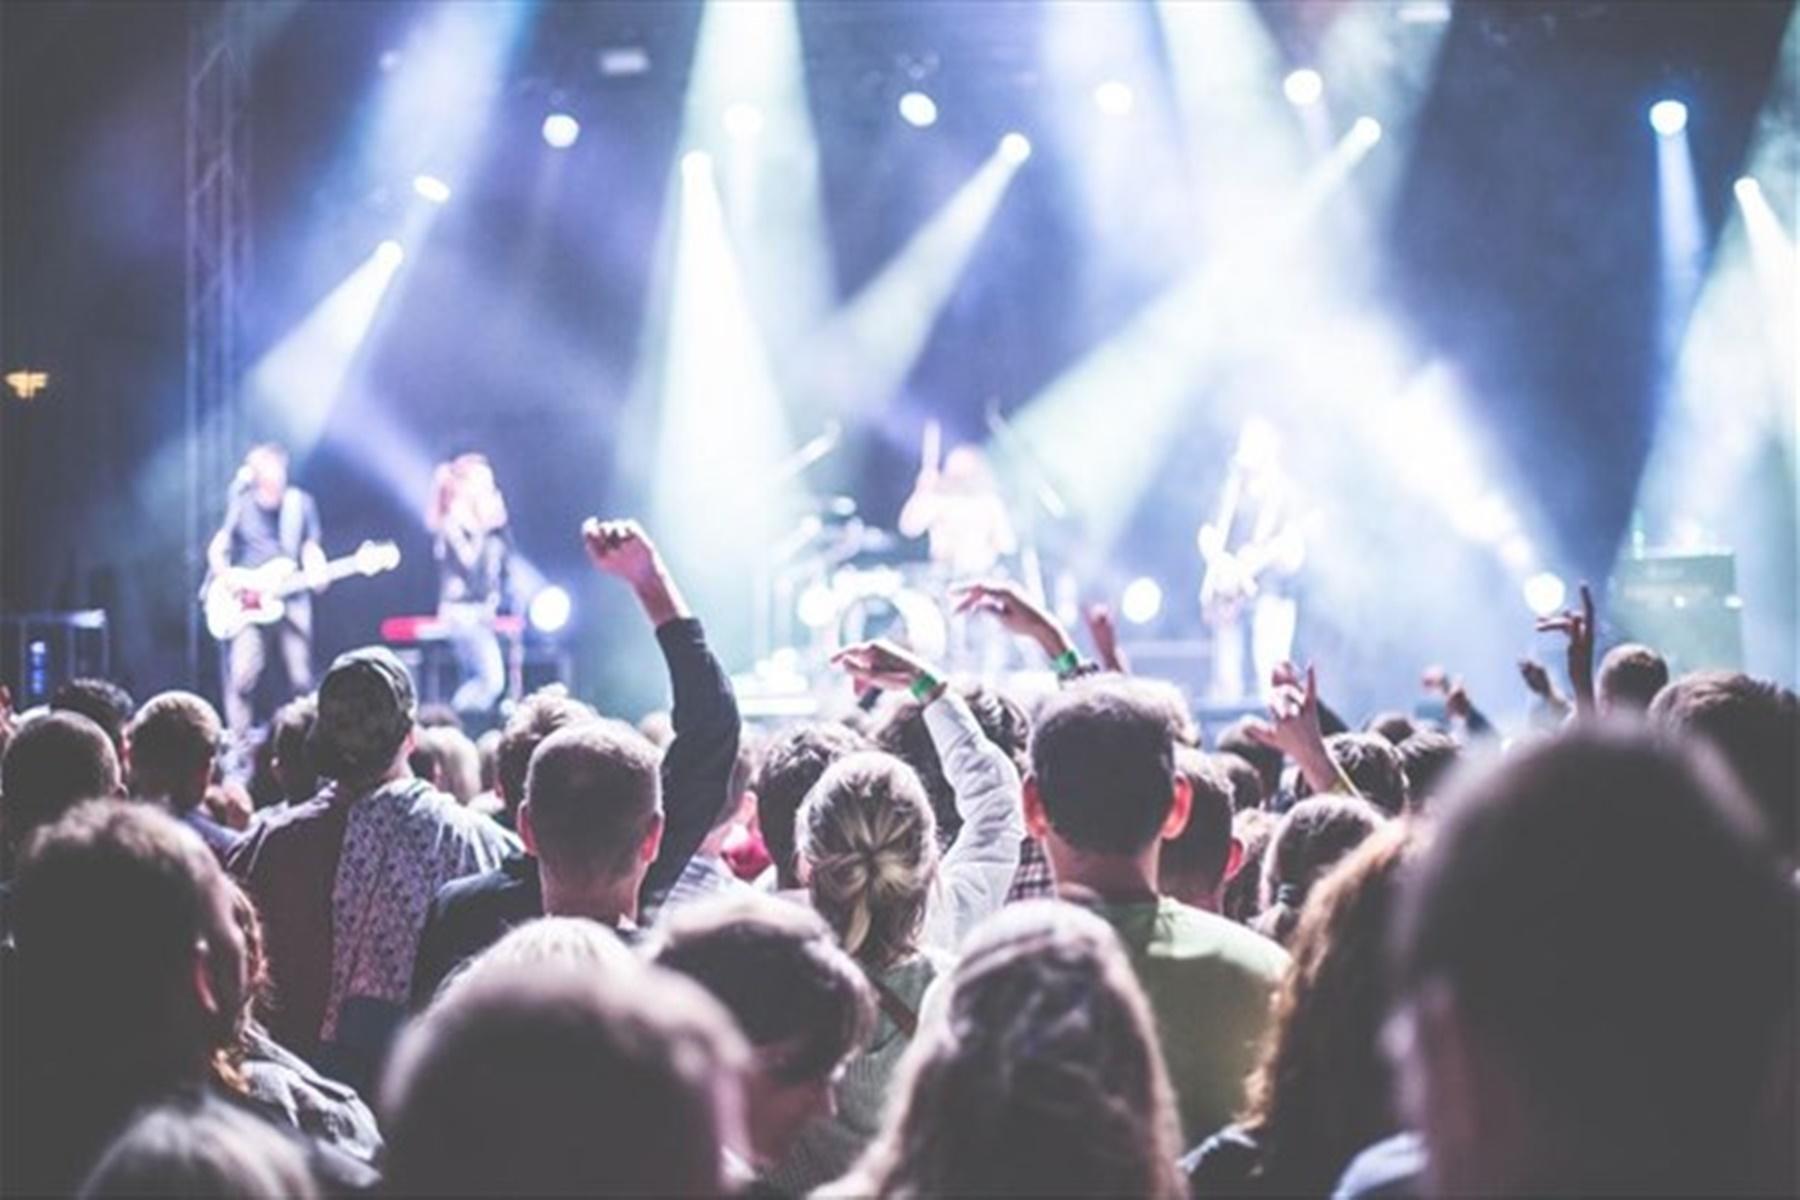 Συναυλίες σε κλειστό χώρο: Απαραίτητη η χρήση Self-test